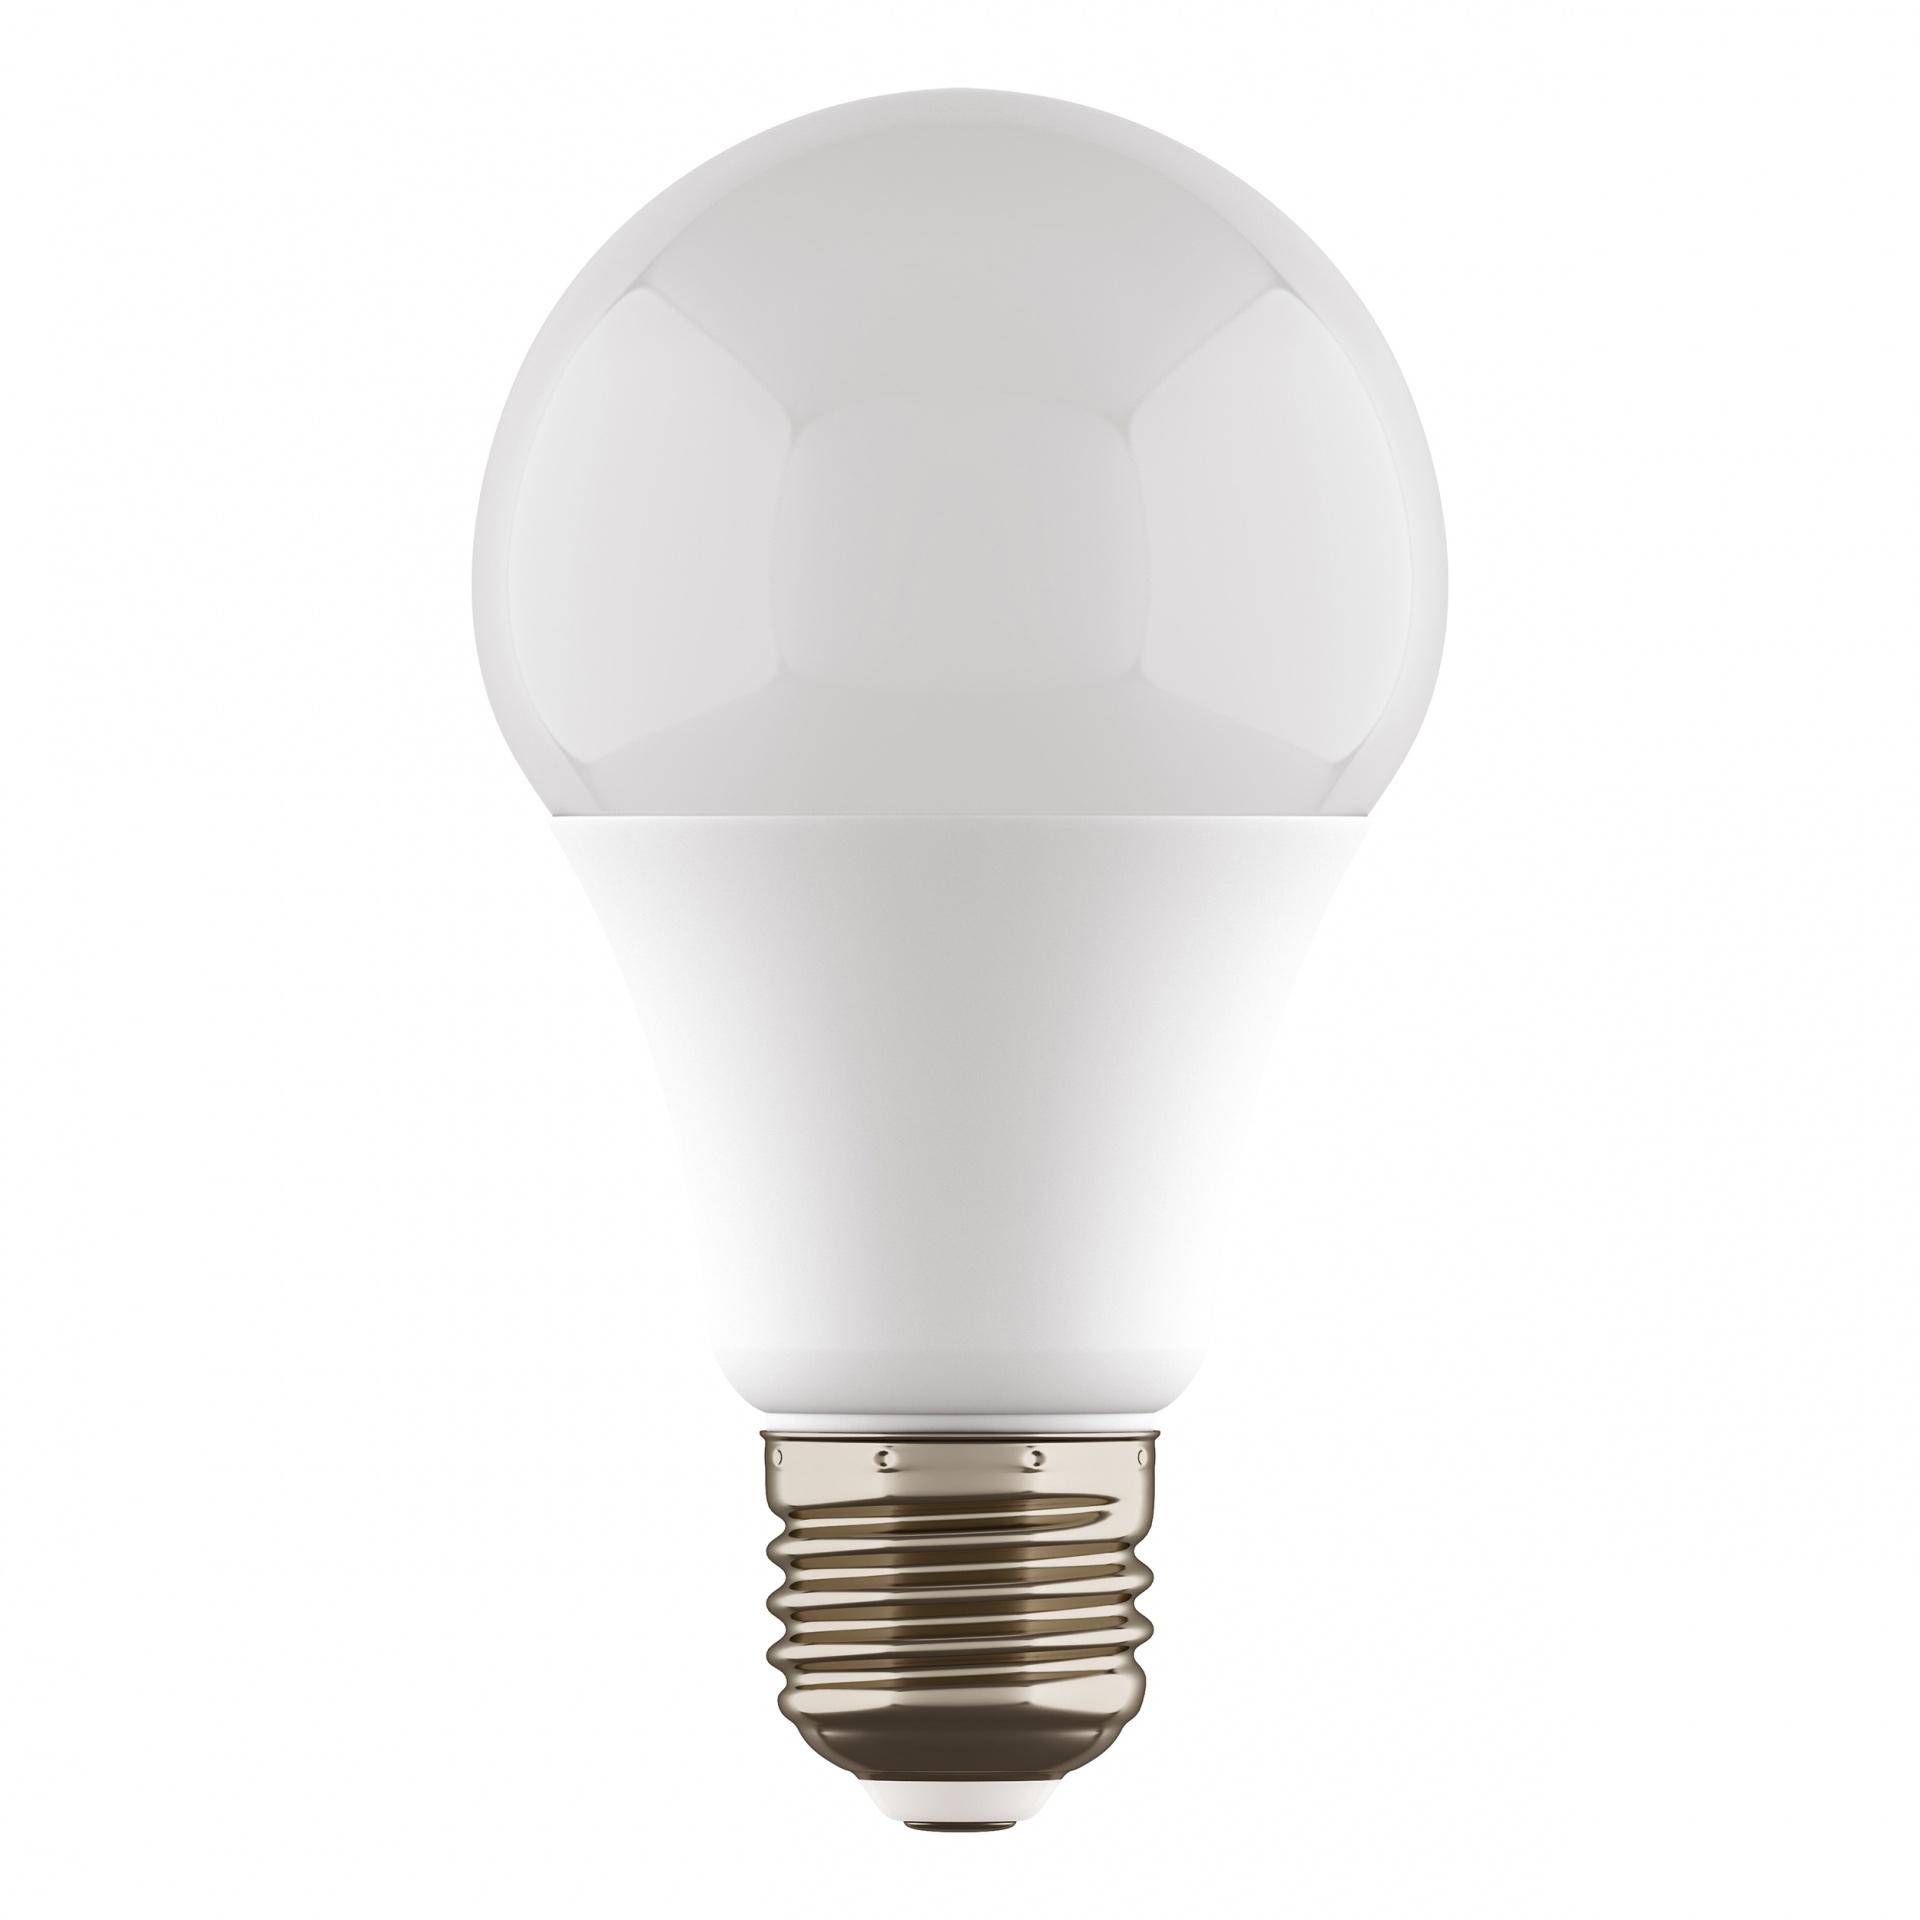 Лампа LED 220V A19 E27 6W=60W 500LM 360G 4000K DIMM Lightstar 940014, купить в СПб, Москве, с доставкой, Санкт-Петербург, интернет-магазин люстр и светильников Starlight, фото в жизни